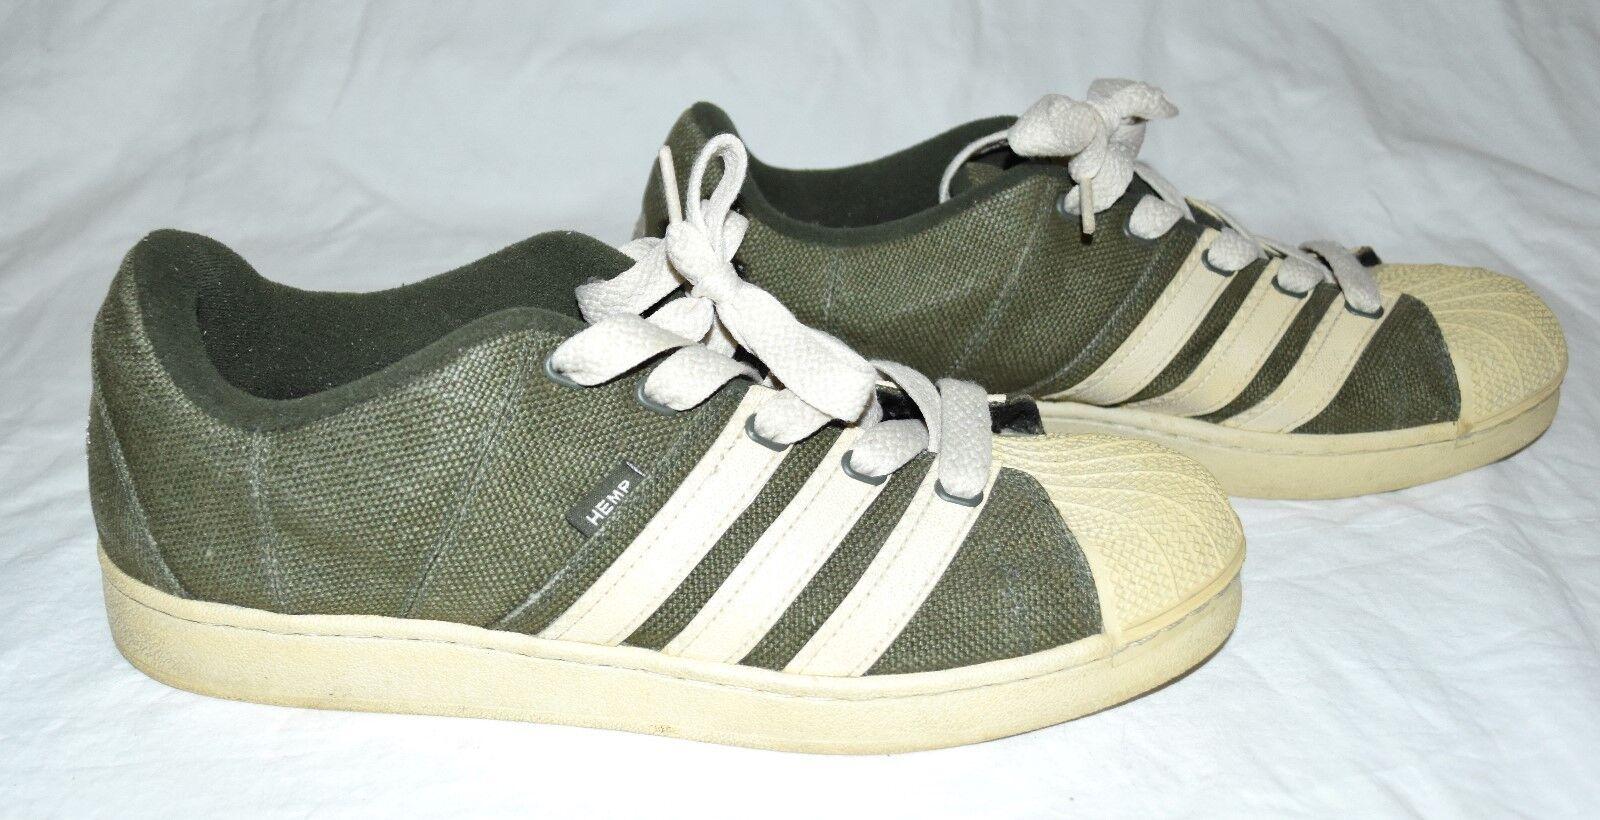 Rare Adidas Adidas Adidas Hemp Olive verde  Cream Stripes & Soles De los hombres Athletic zapatillas Sz 13  alta calidad